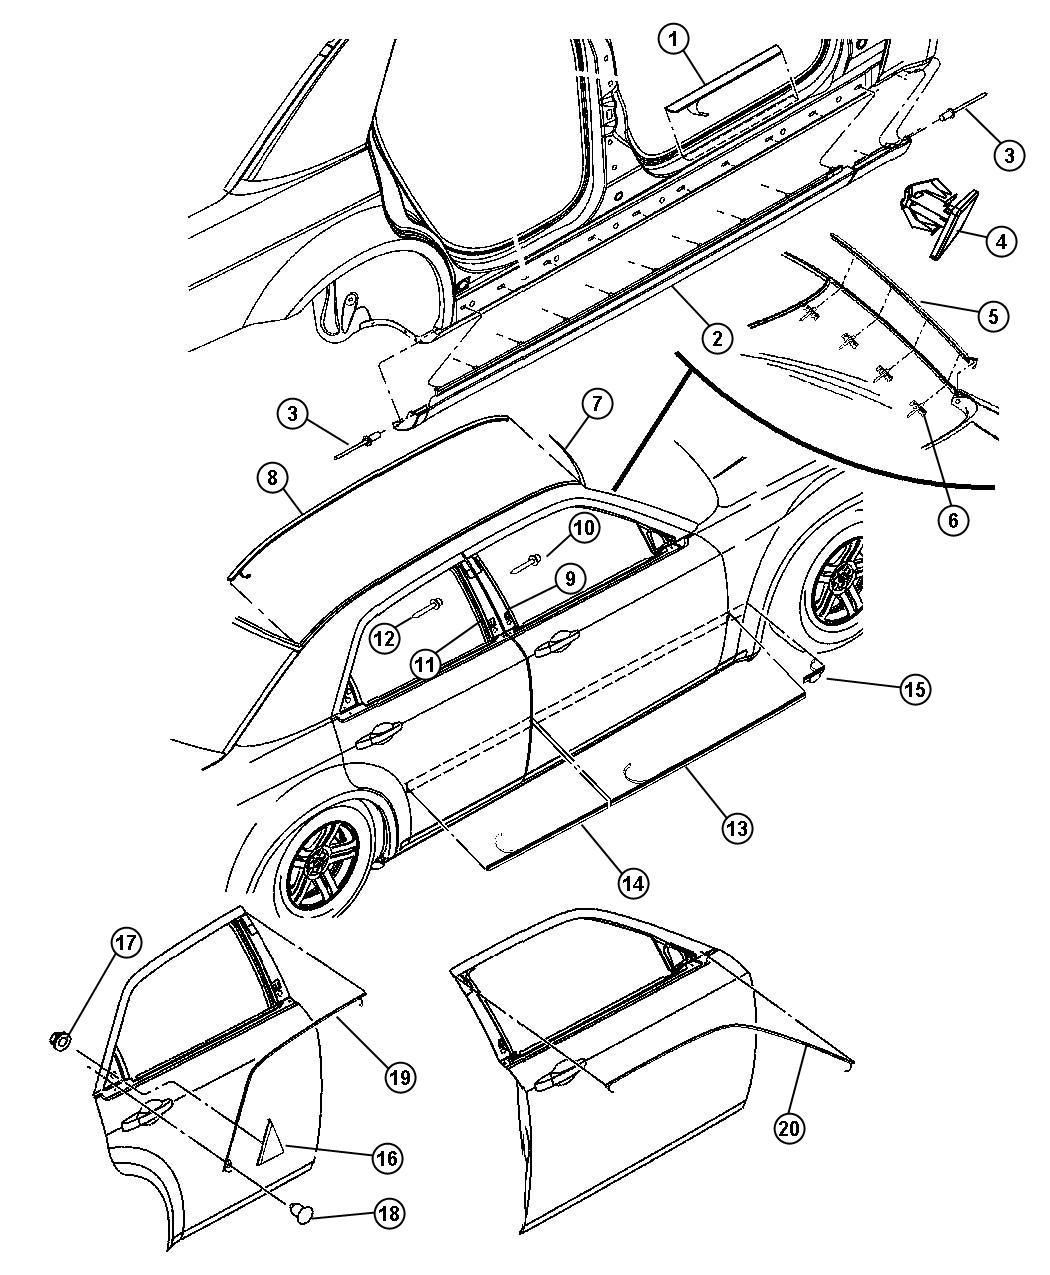 2006 Chrysler 300 Plate  Scuff  Wing Insert  Door  Sill